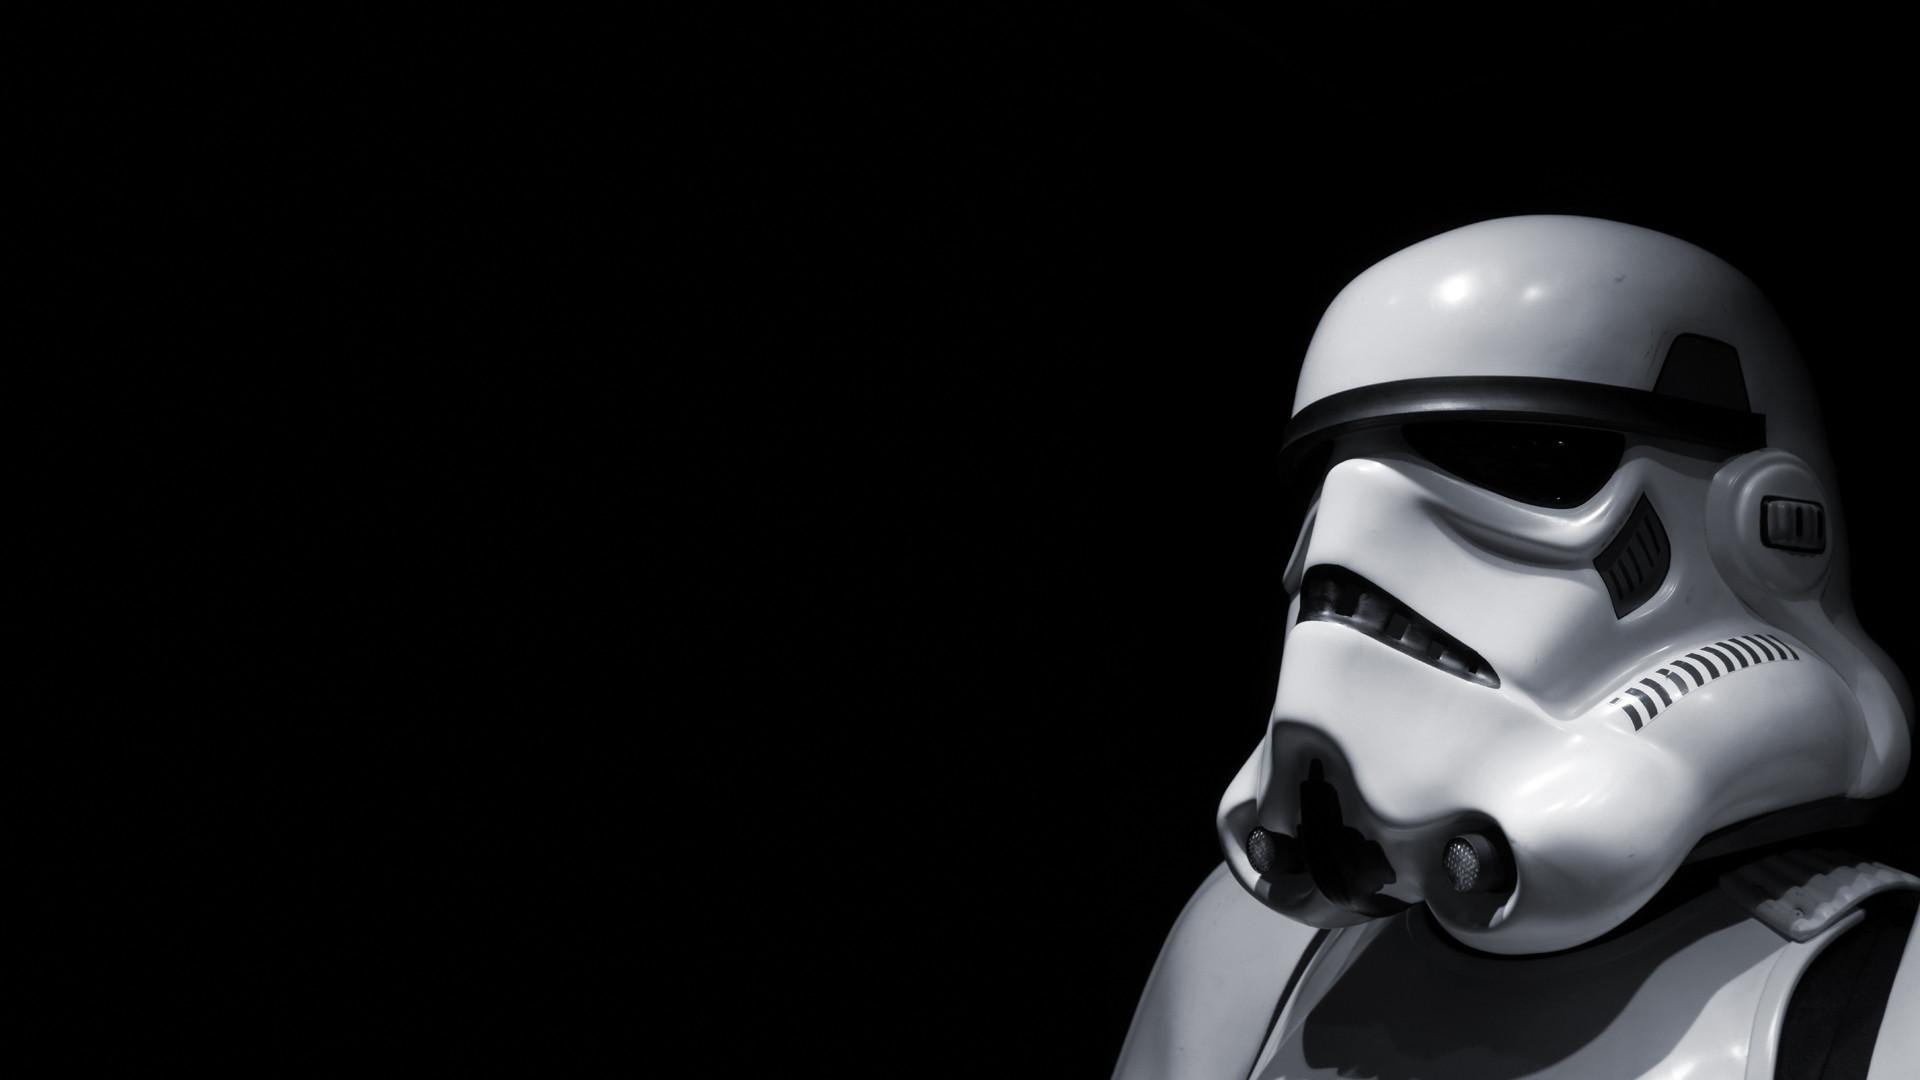 40 Stormtrooper Wallpaper 1080p On Wallpapersafari